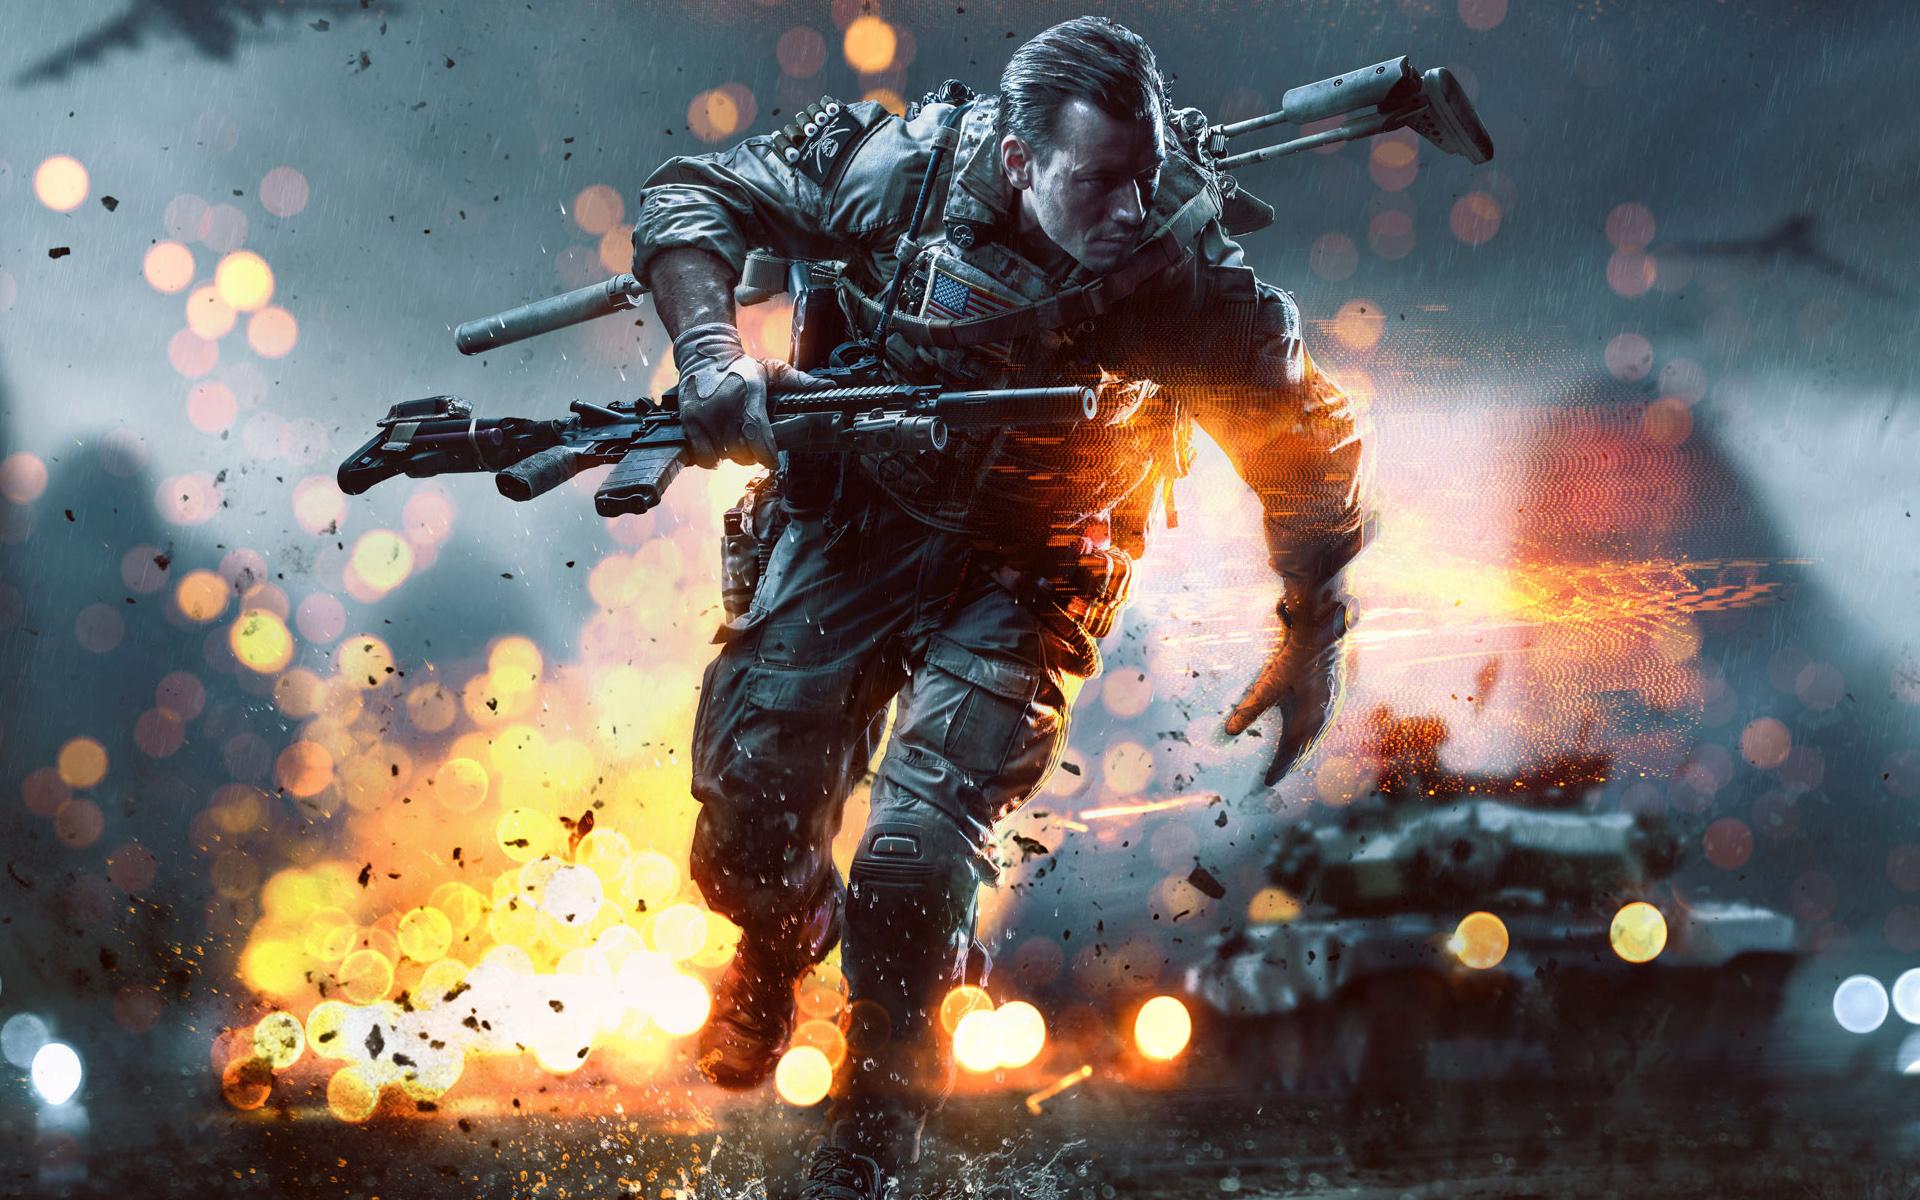 Hilarious Battlefield 3 Player Video